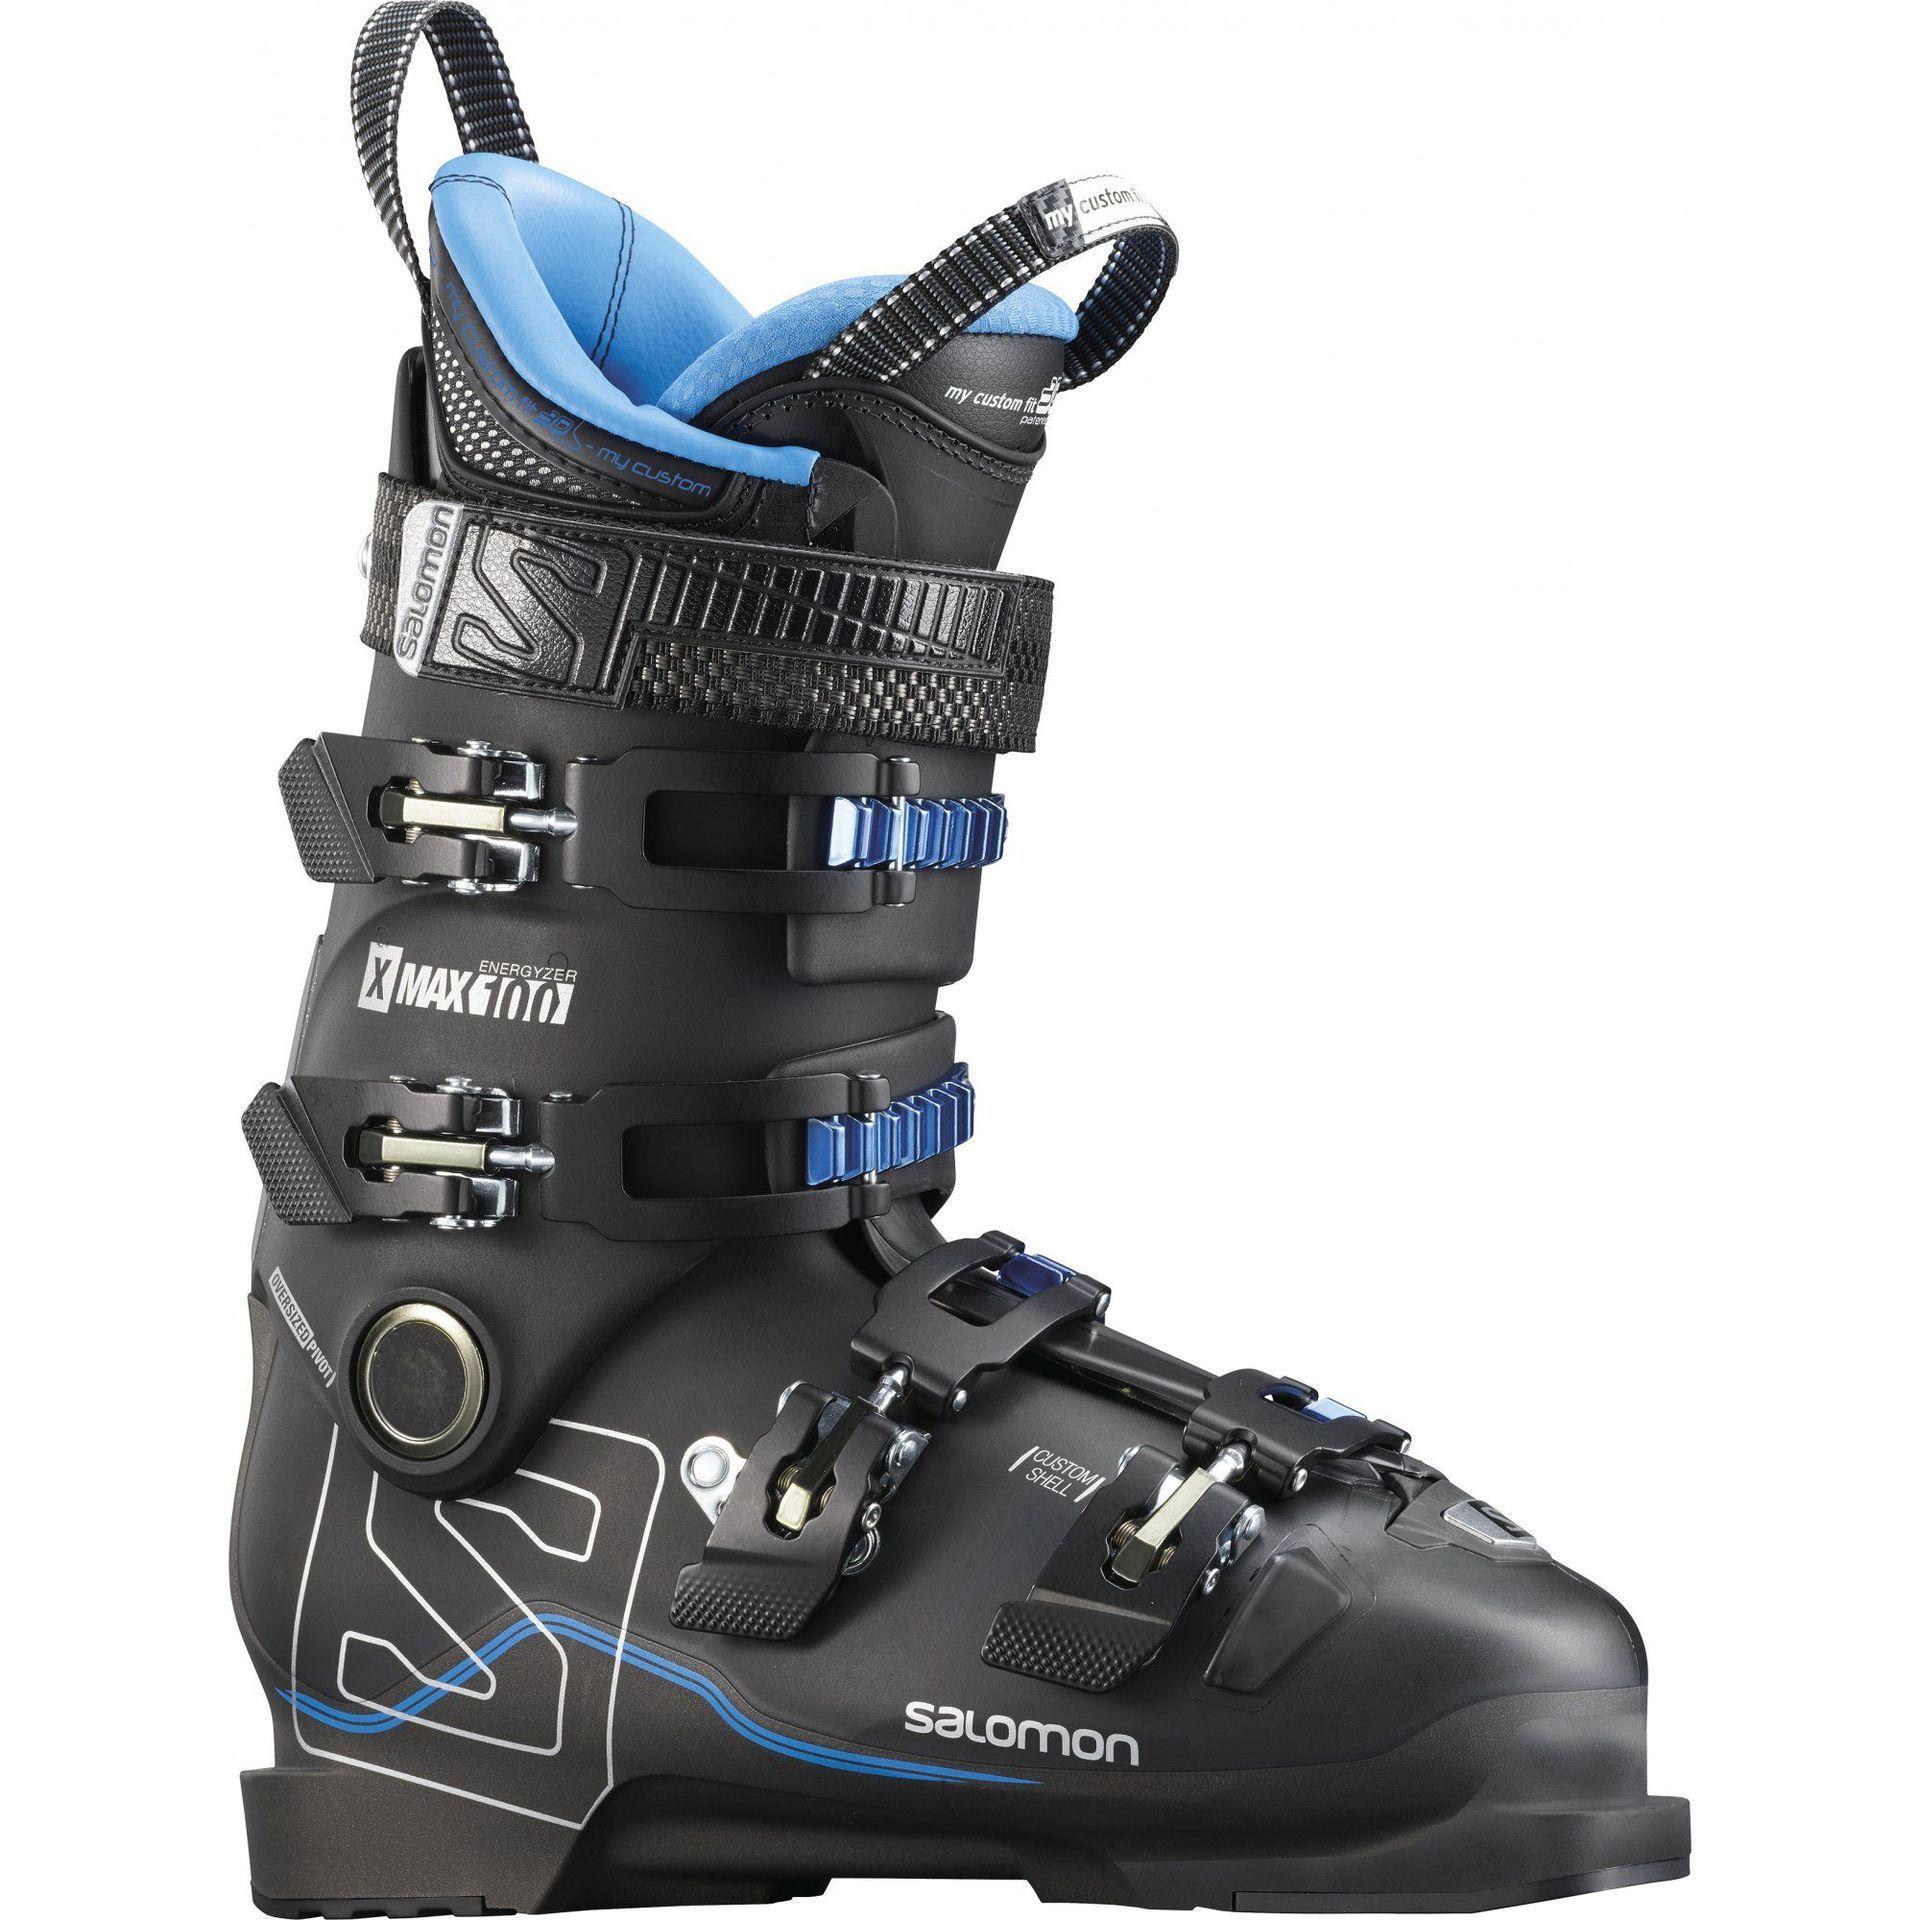 SALOMON X MAX 100 BUTY NARCIARSKIE sklep narciarski